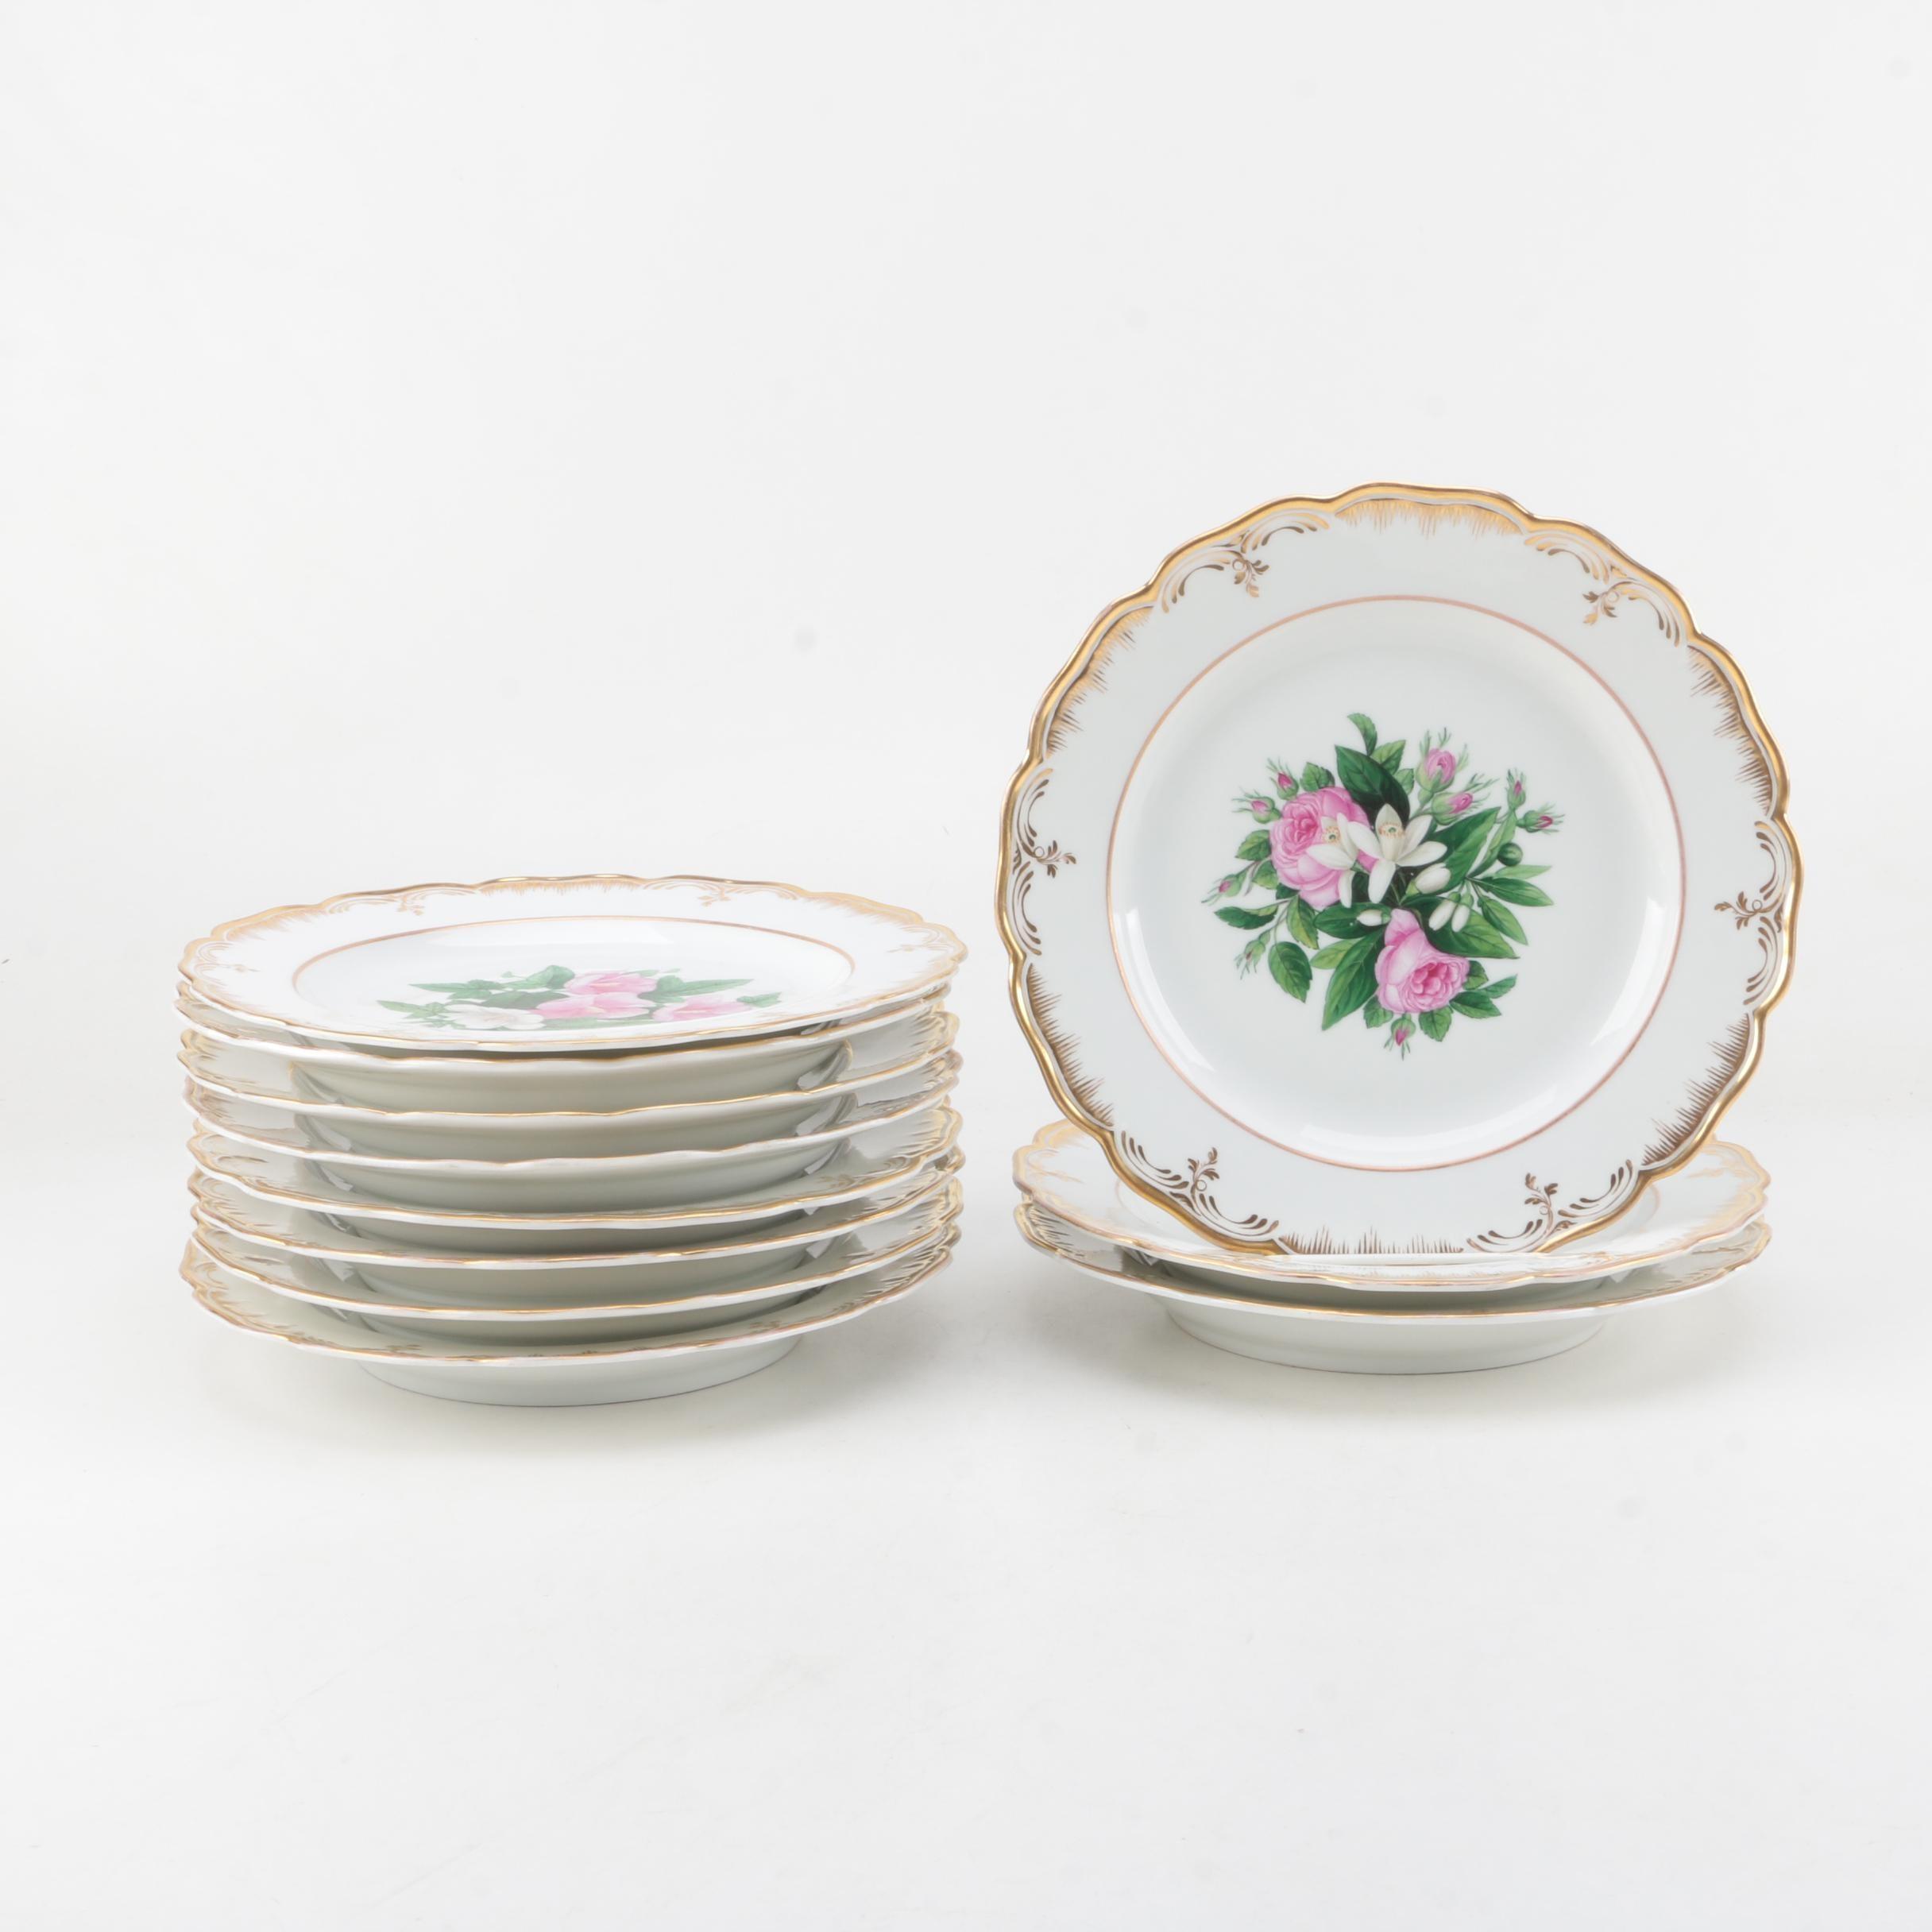 Antique Königliche Porzellan Manufaktur KPM Berlin Floral Dinner Plates 1844-47